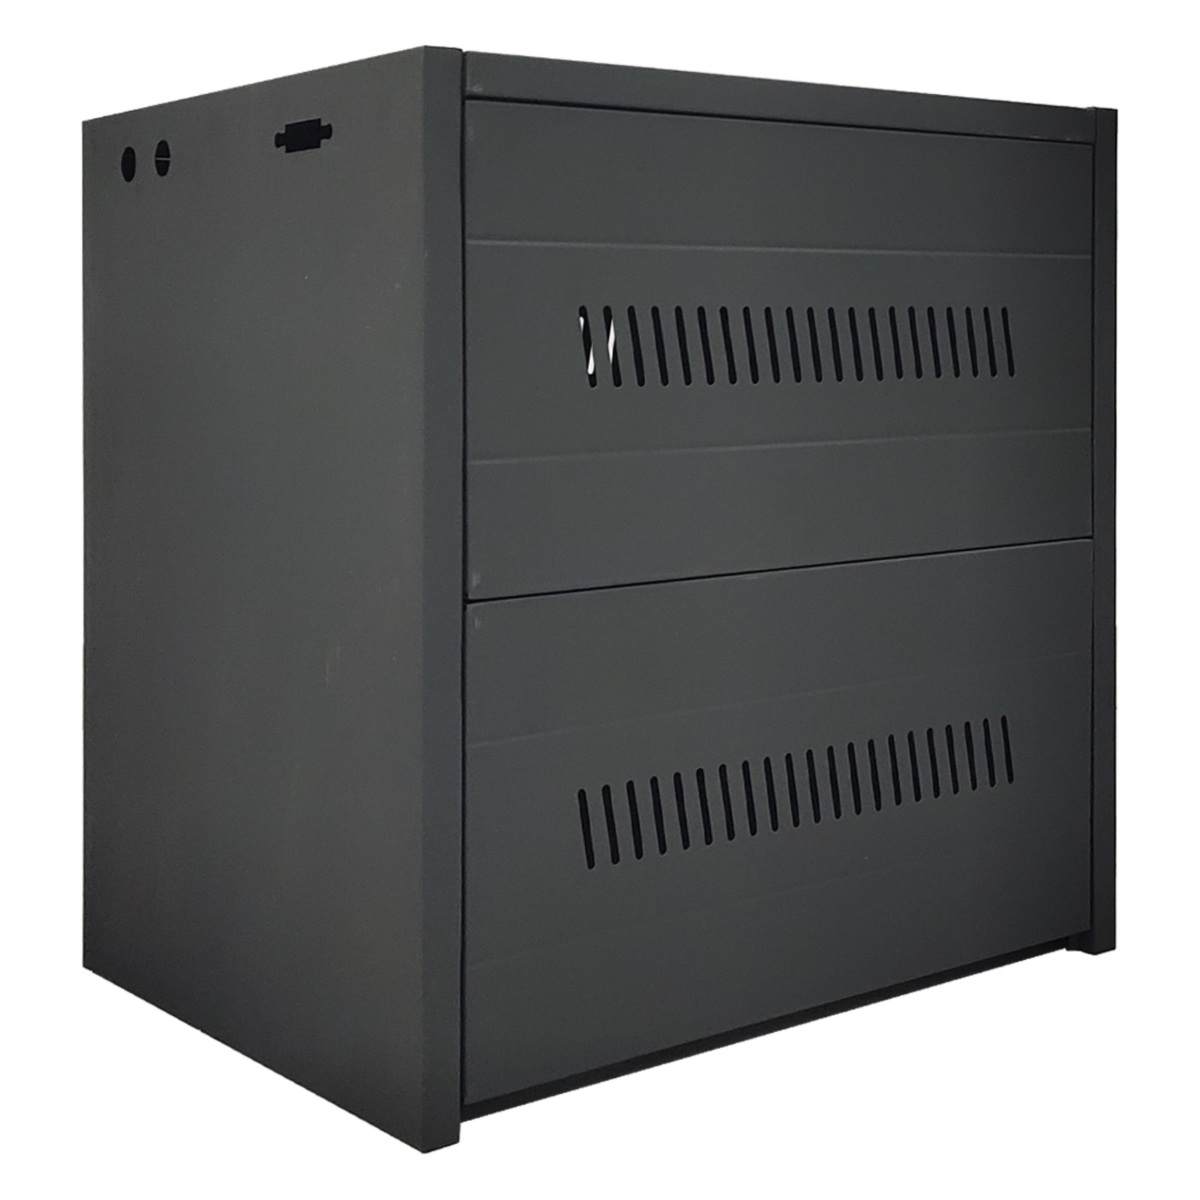 Дополнительное оборудование к аккумуляторам SVC SVC BC C-6 шкафы